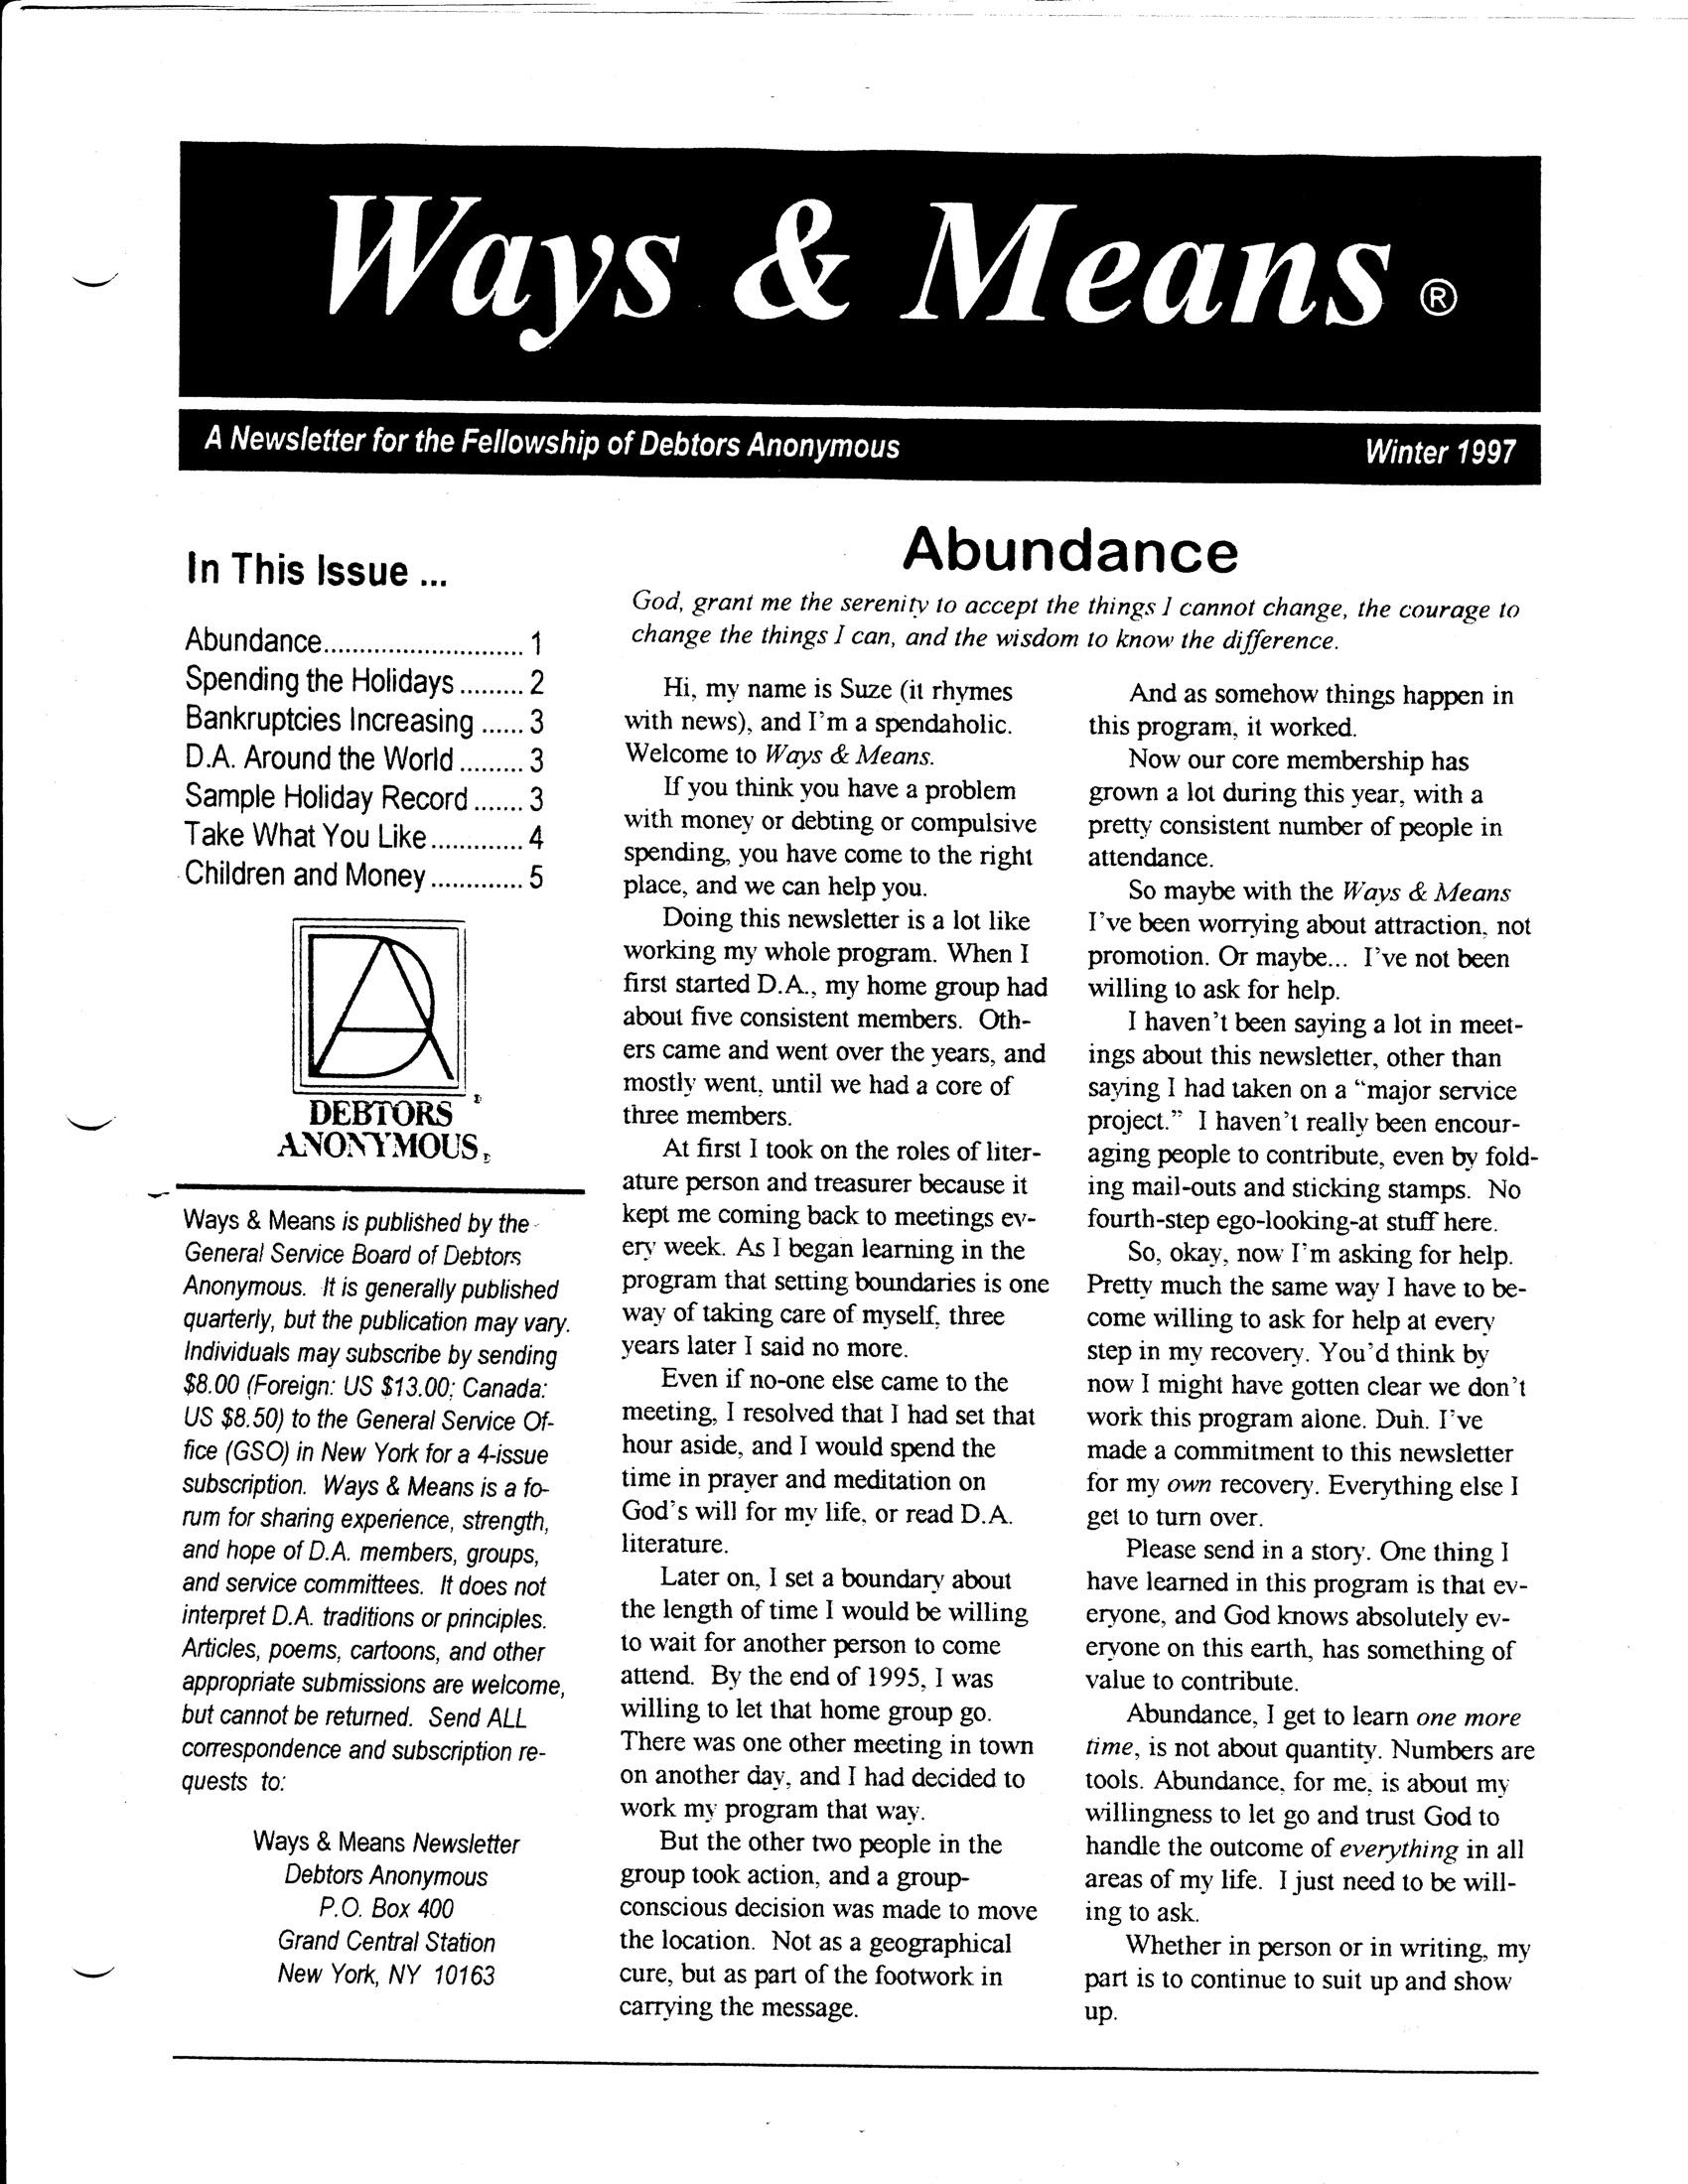 Ways & Means 1st QTR 1997